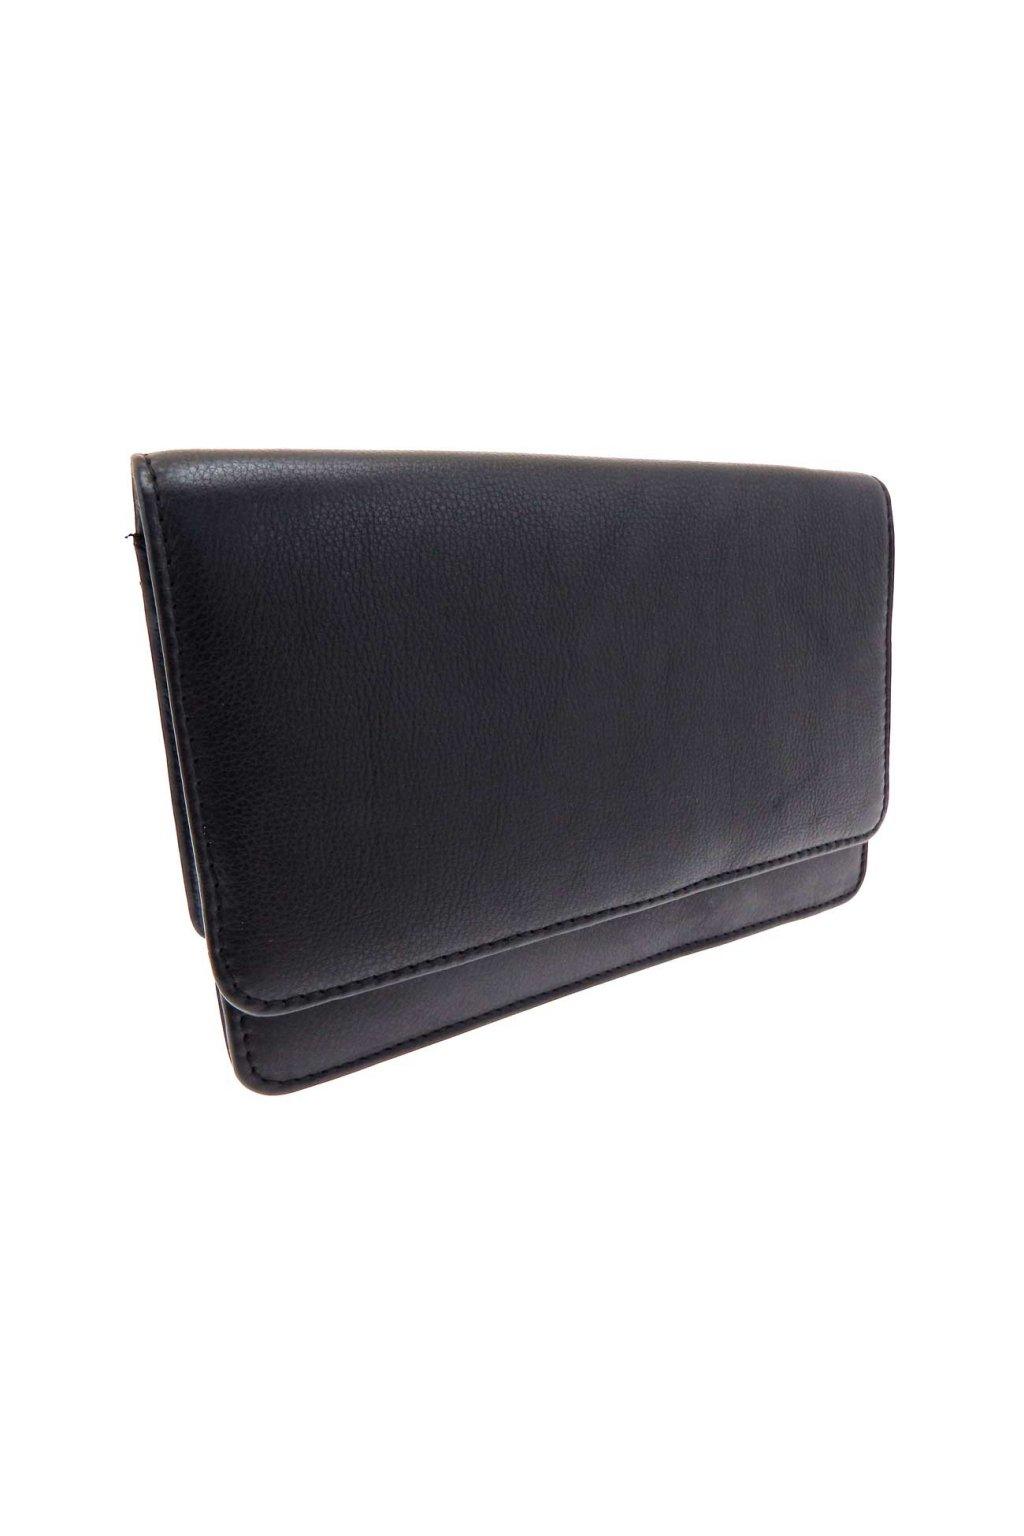 pánská kožená etue černá PKE04 357 60 C